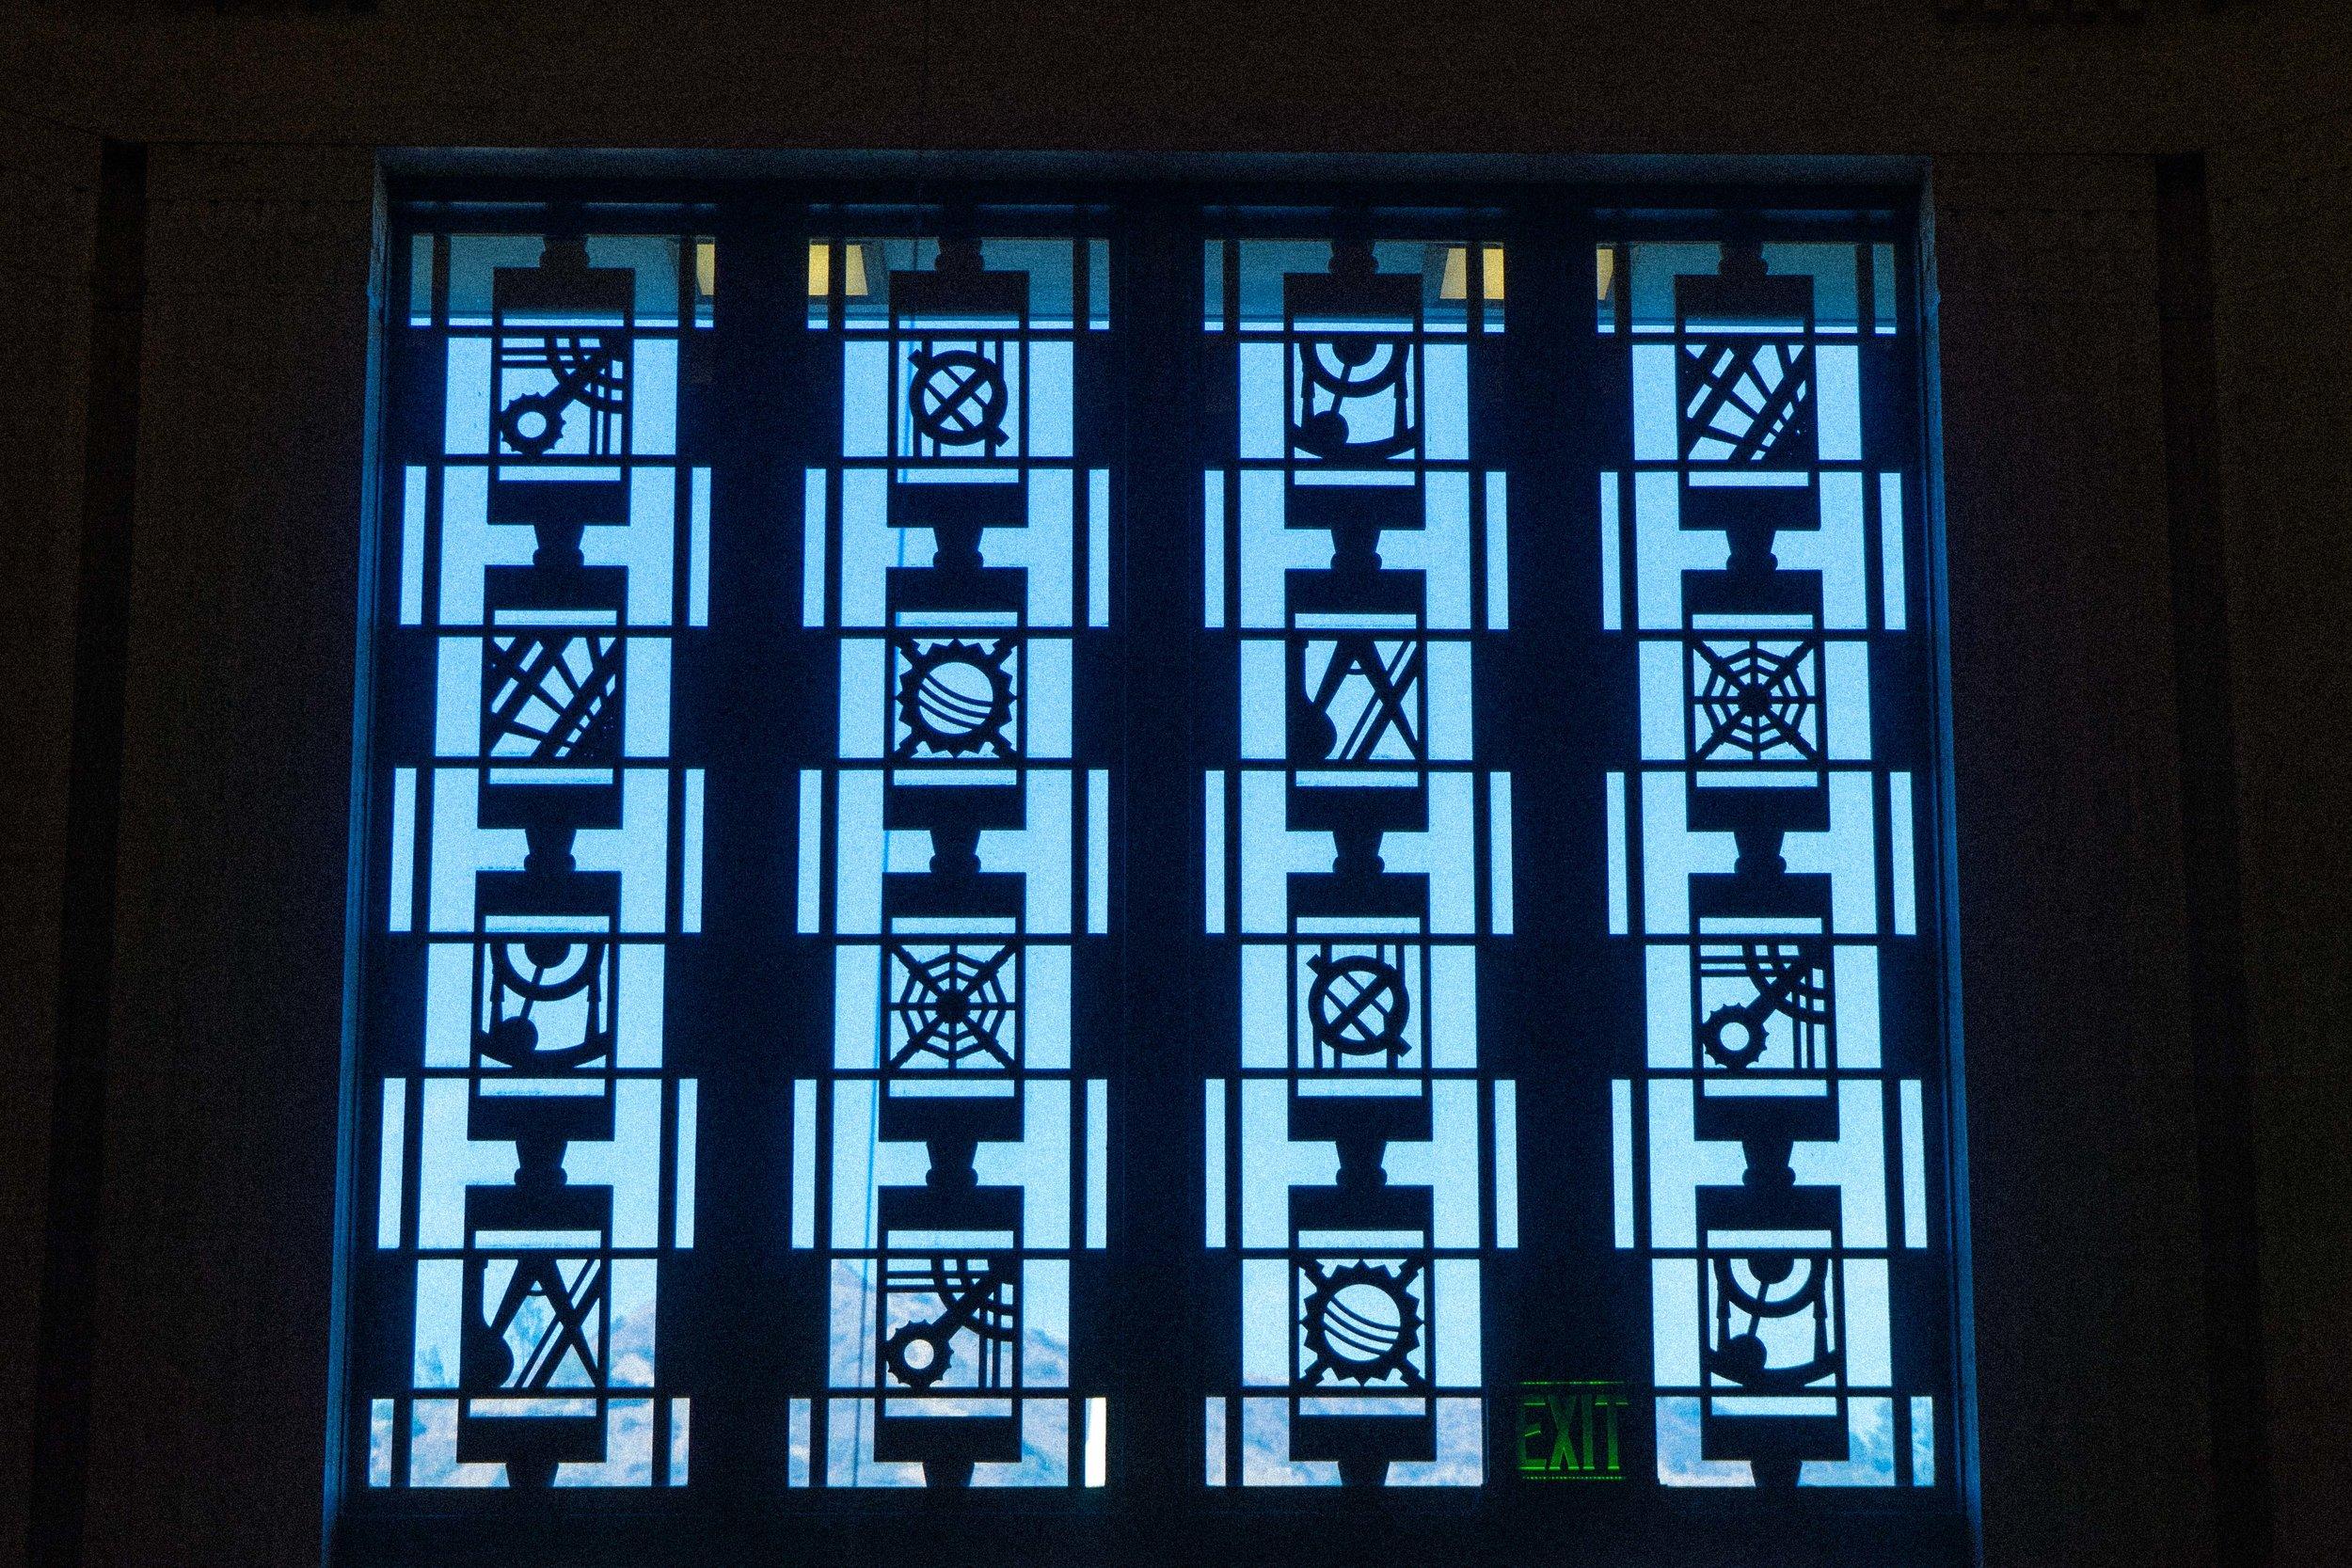 連窗花的圖案,都是與天文有關的,大家明白它們代表什麼嗎?